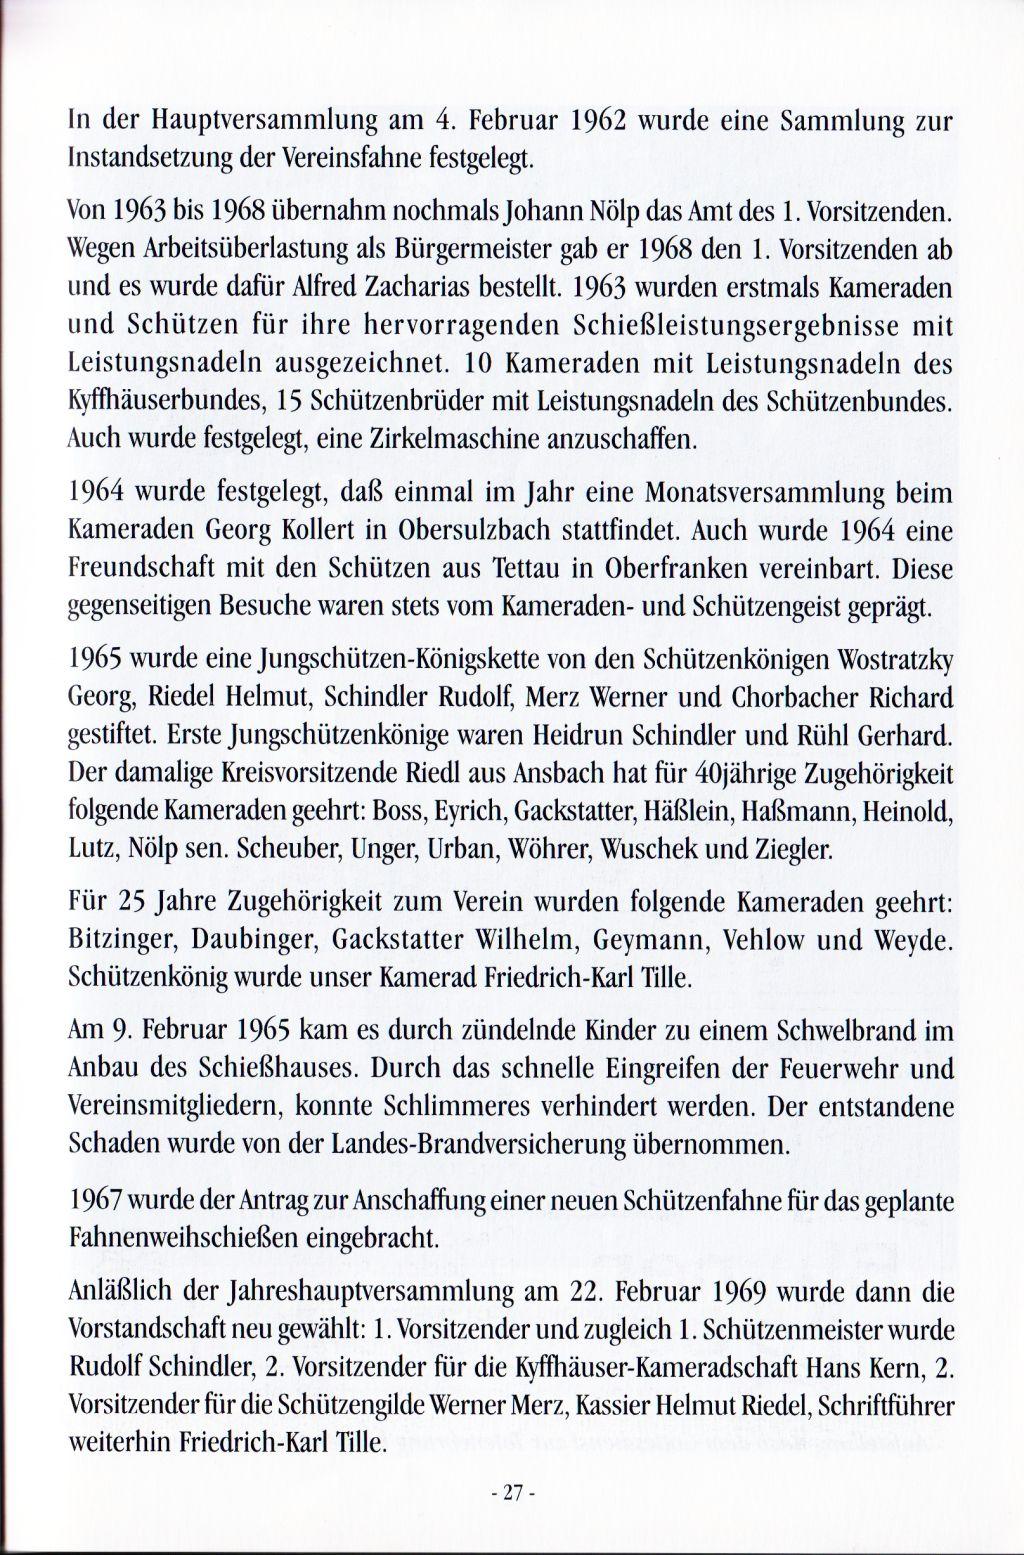 Geschichte_Kyffhaeuser_Seite7